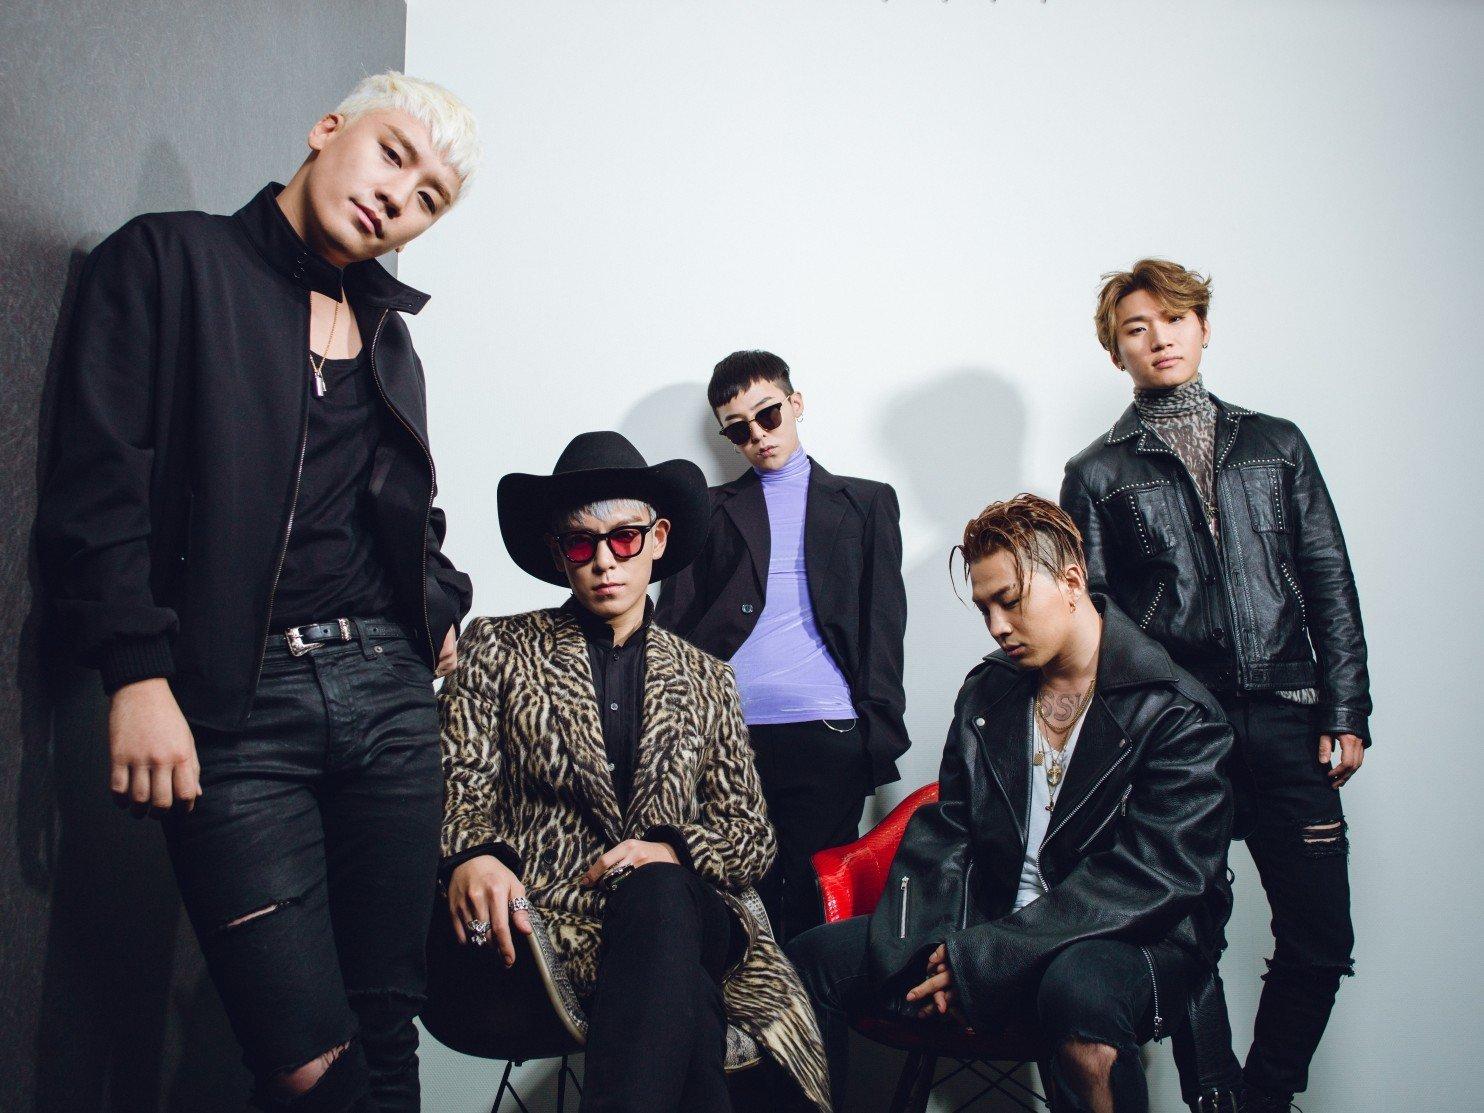 Bigbang, G-Dragon. T.O.P trở lại, Bigbang bị tẩy chay, G-Dragon xuất ngũ, YG Entertaiment, Taeyang